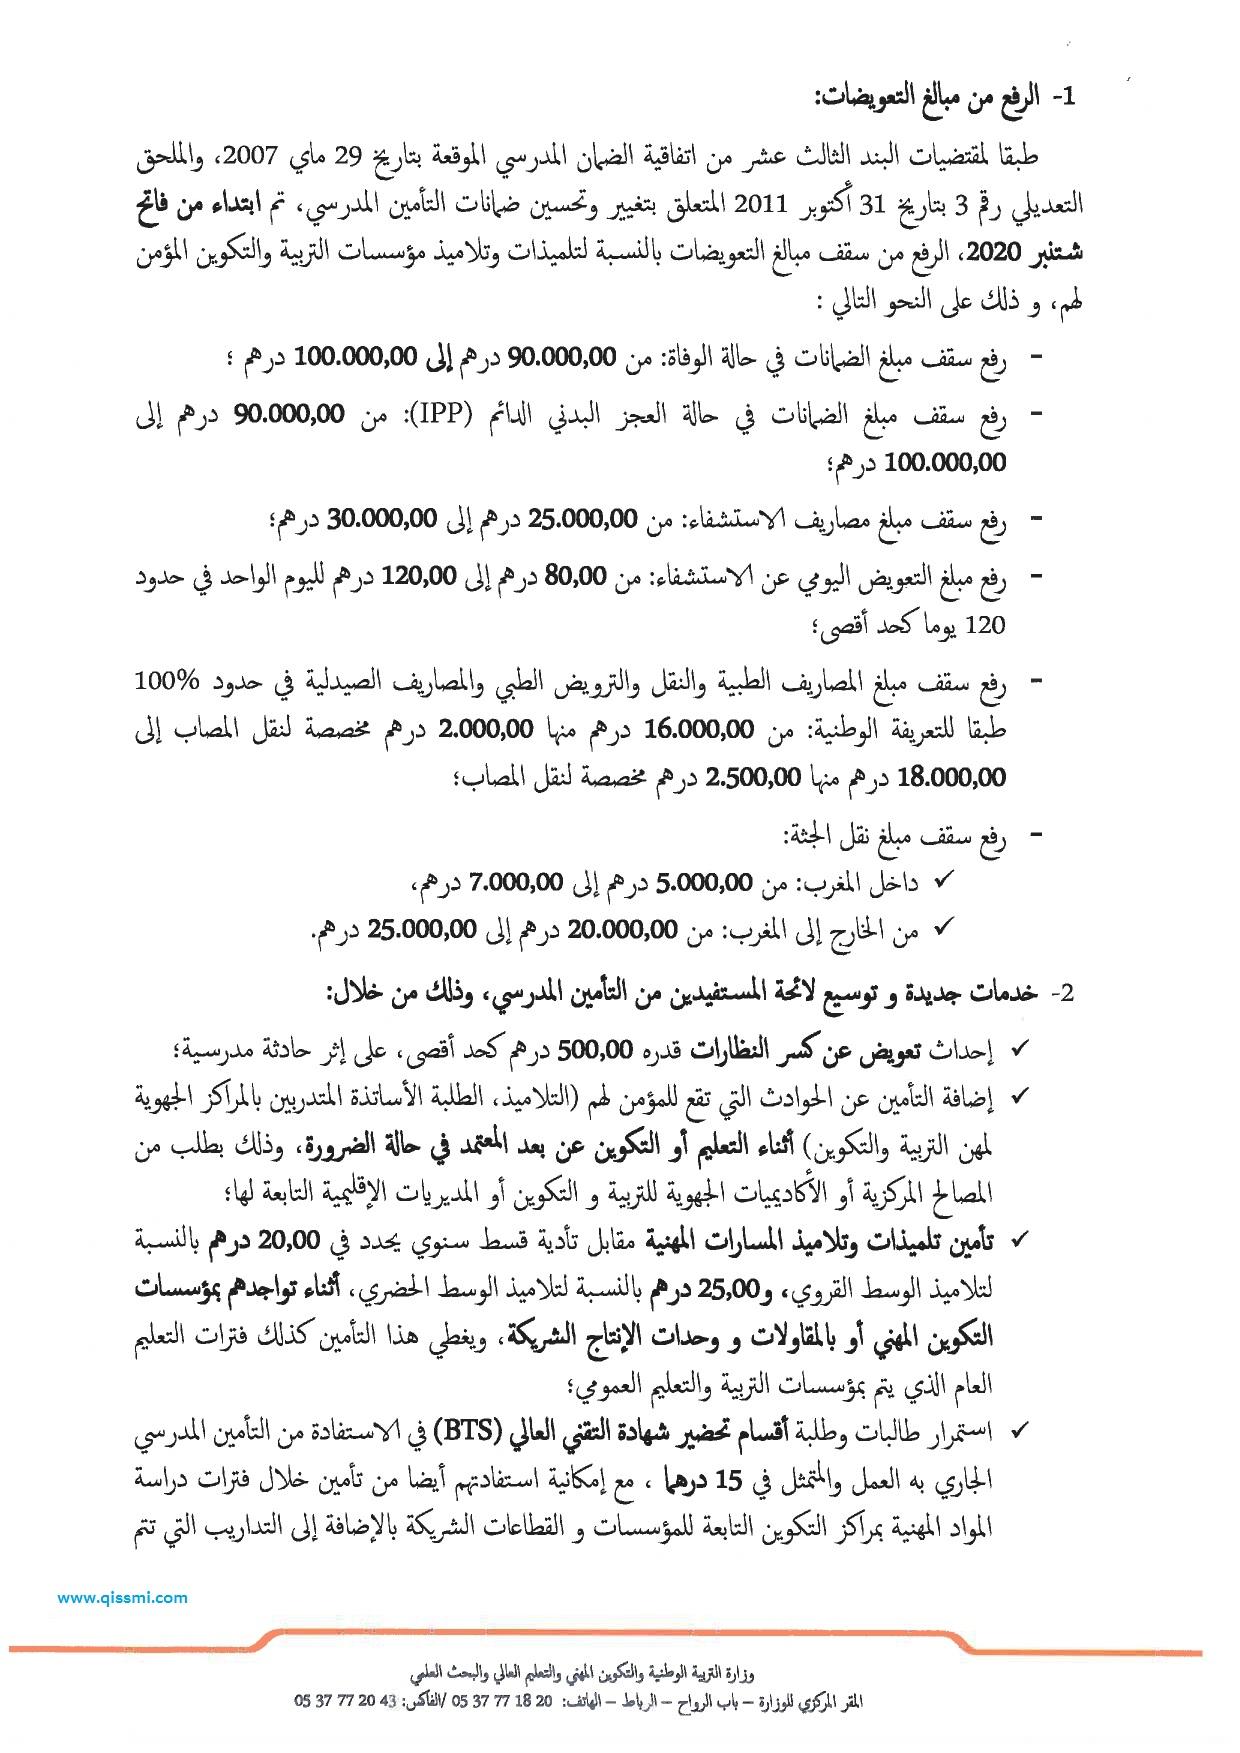 اتفاقية الضمان المدرسي 2020-2021